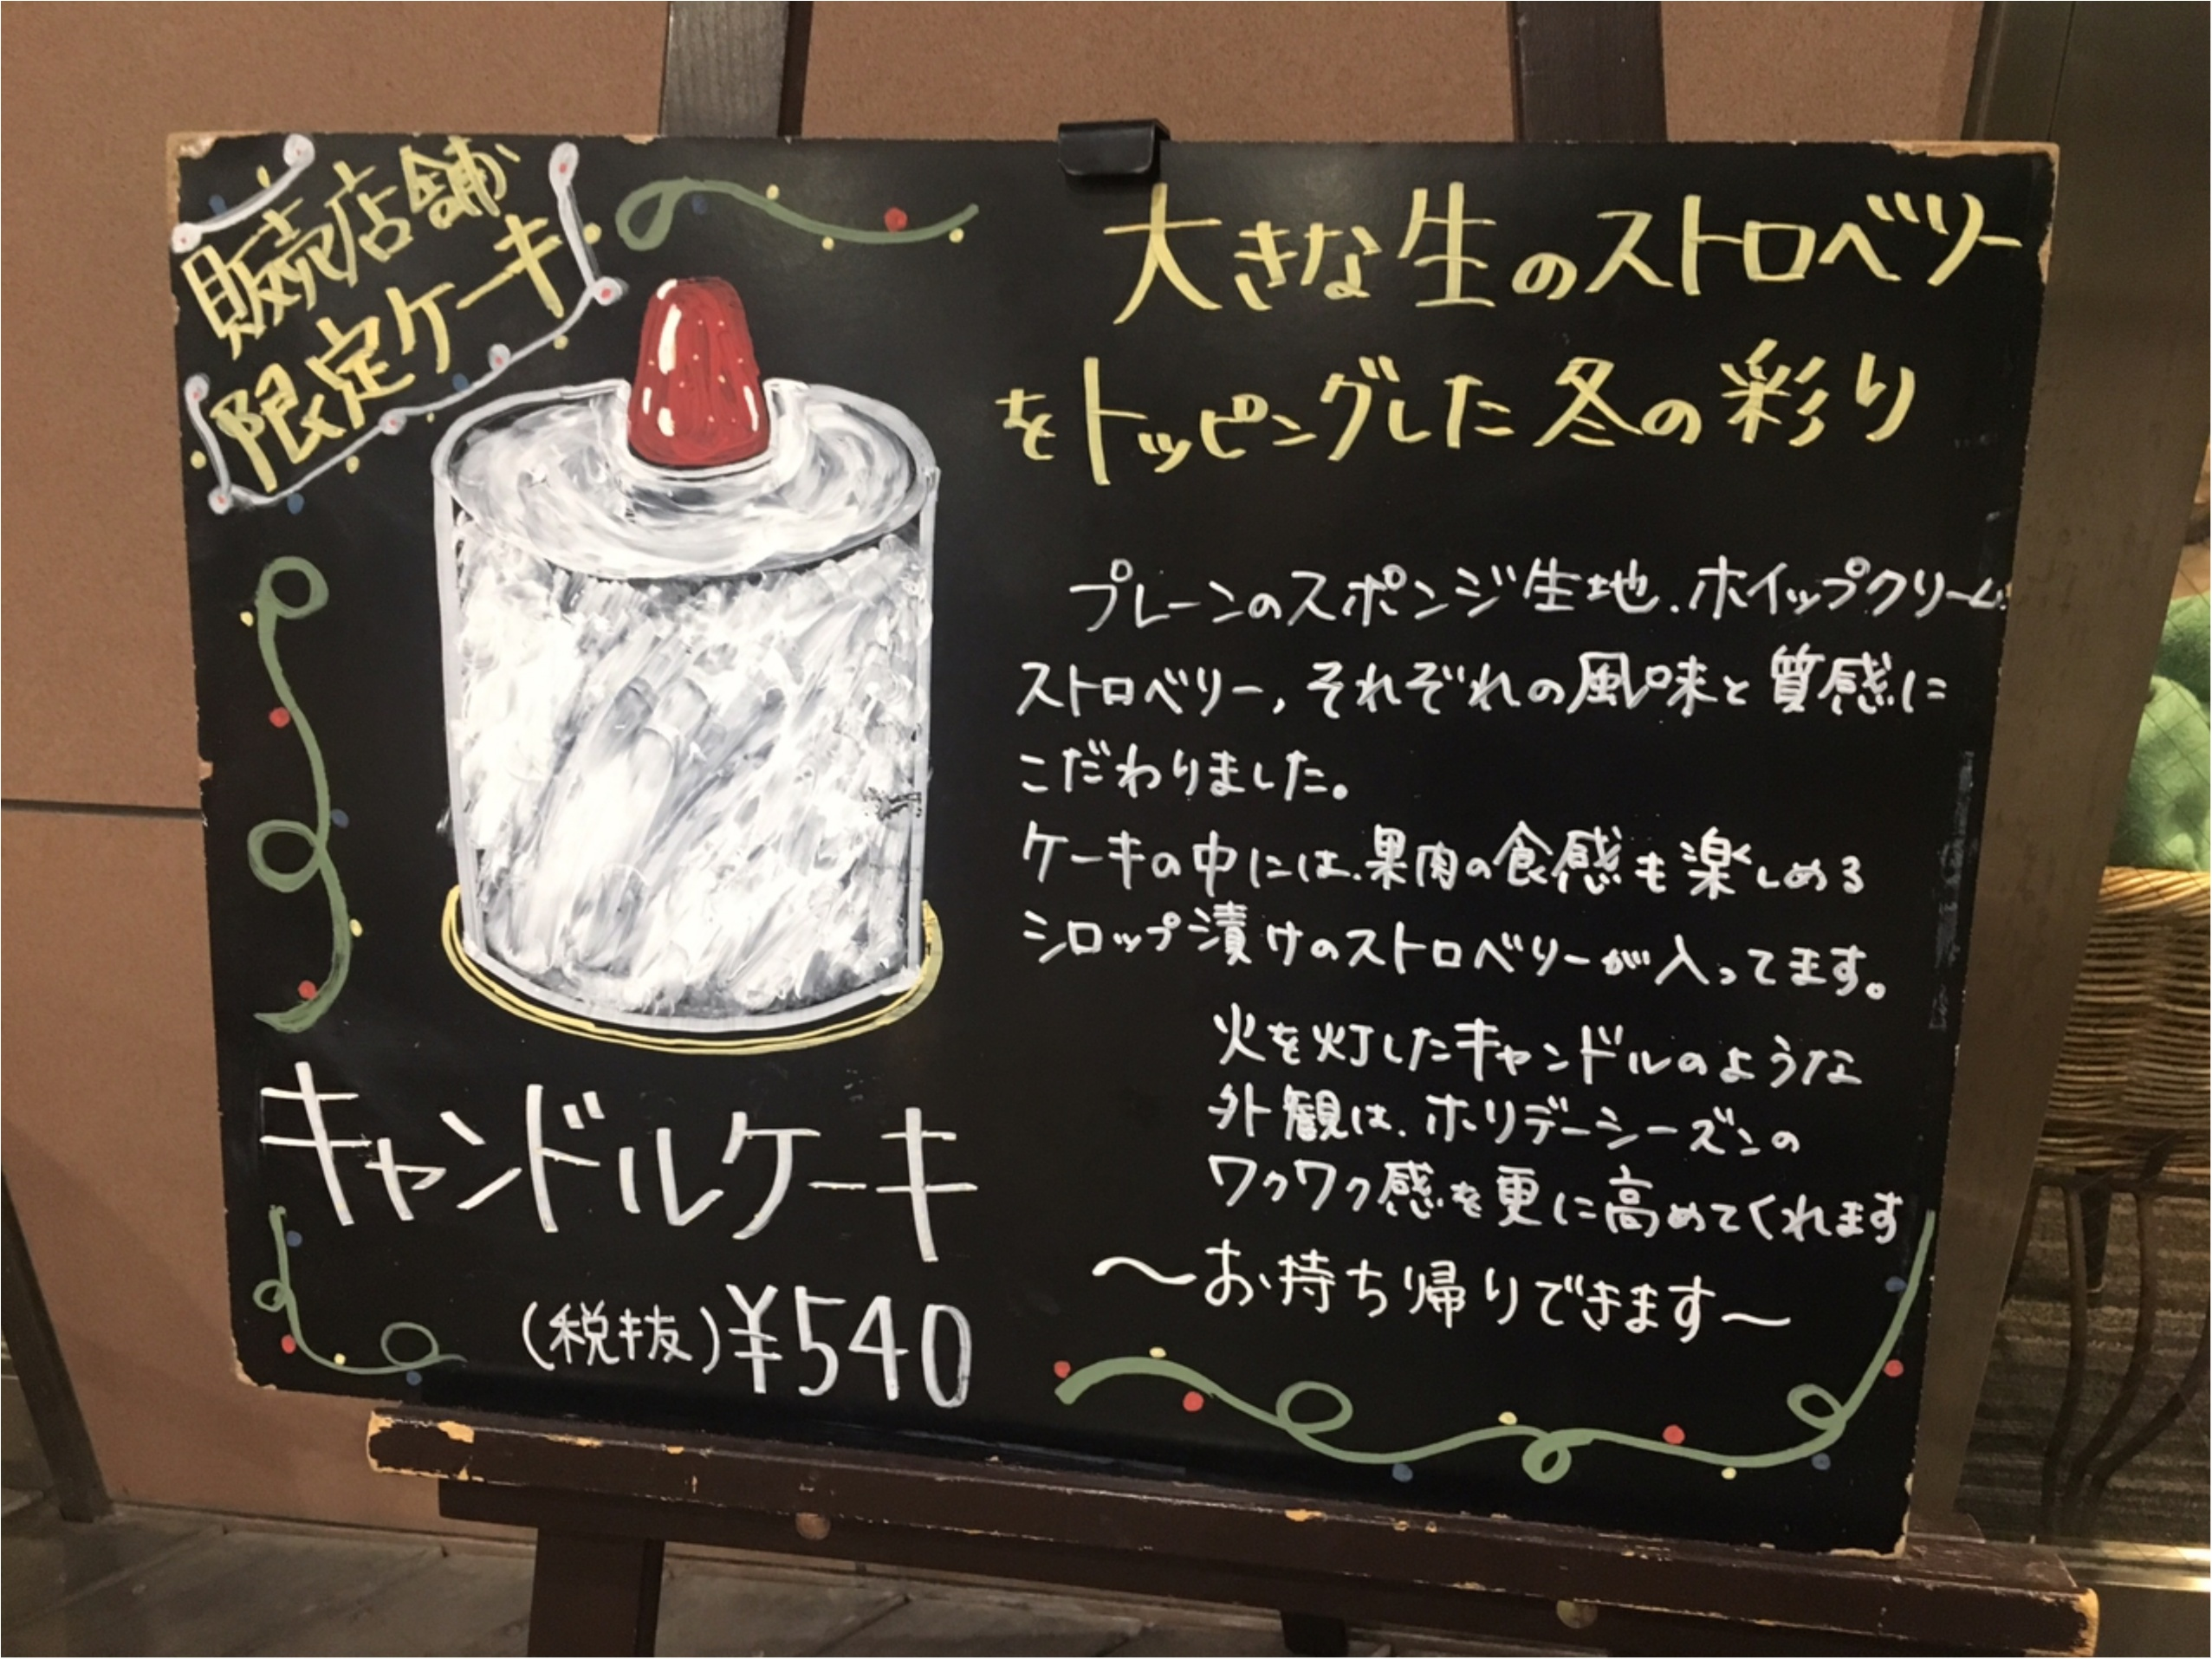 【スタバ】300店舗限定『キャンドルケーキ』がかわいい!_1